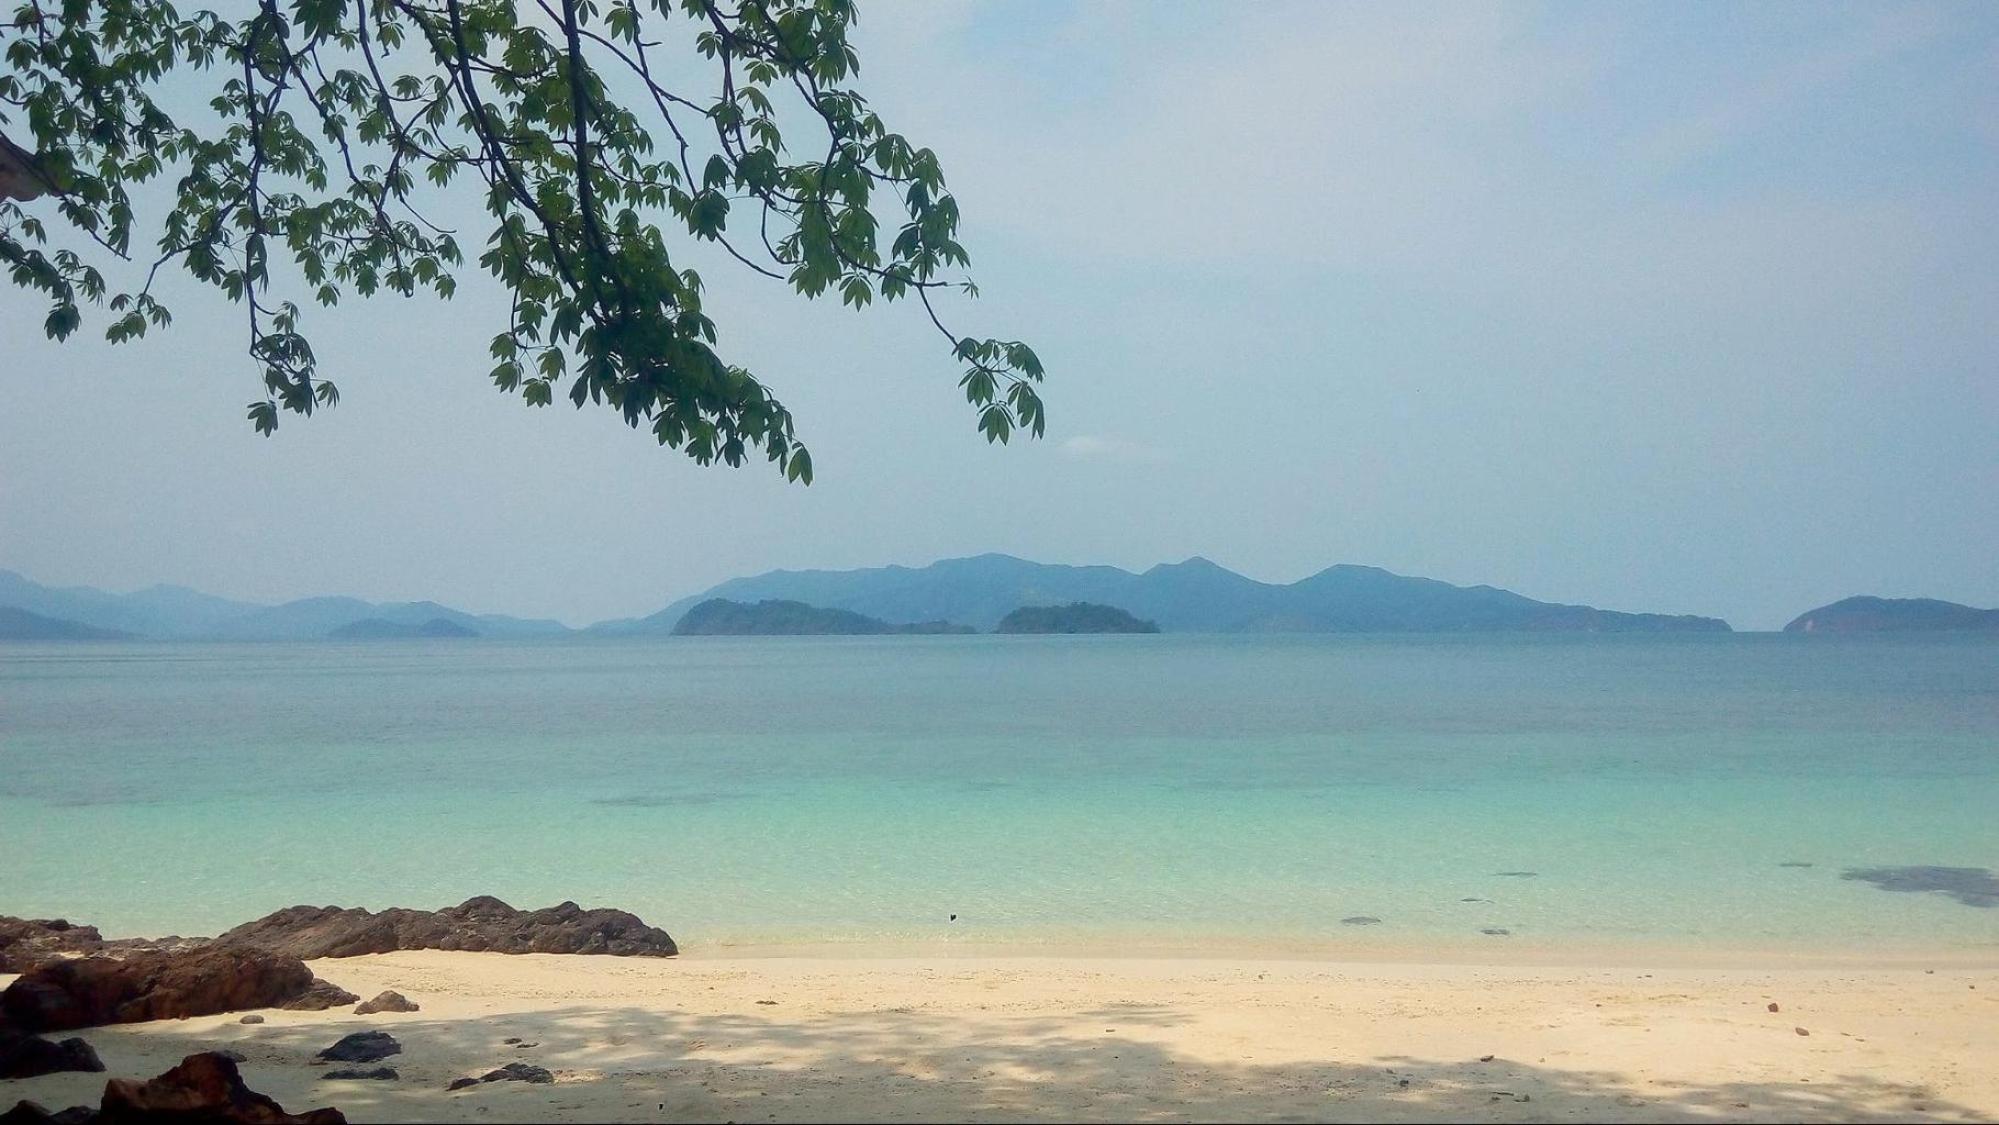 Koh Wai Beach in Thailand